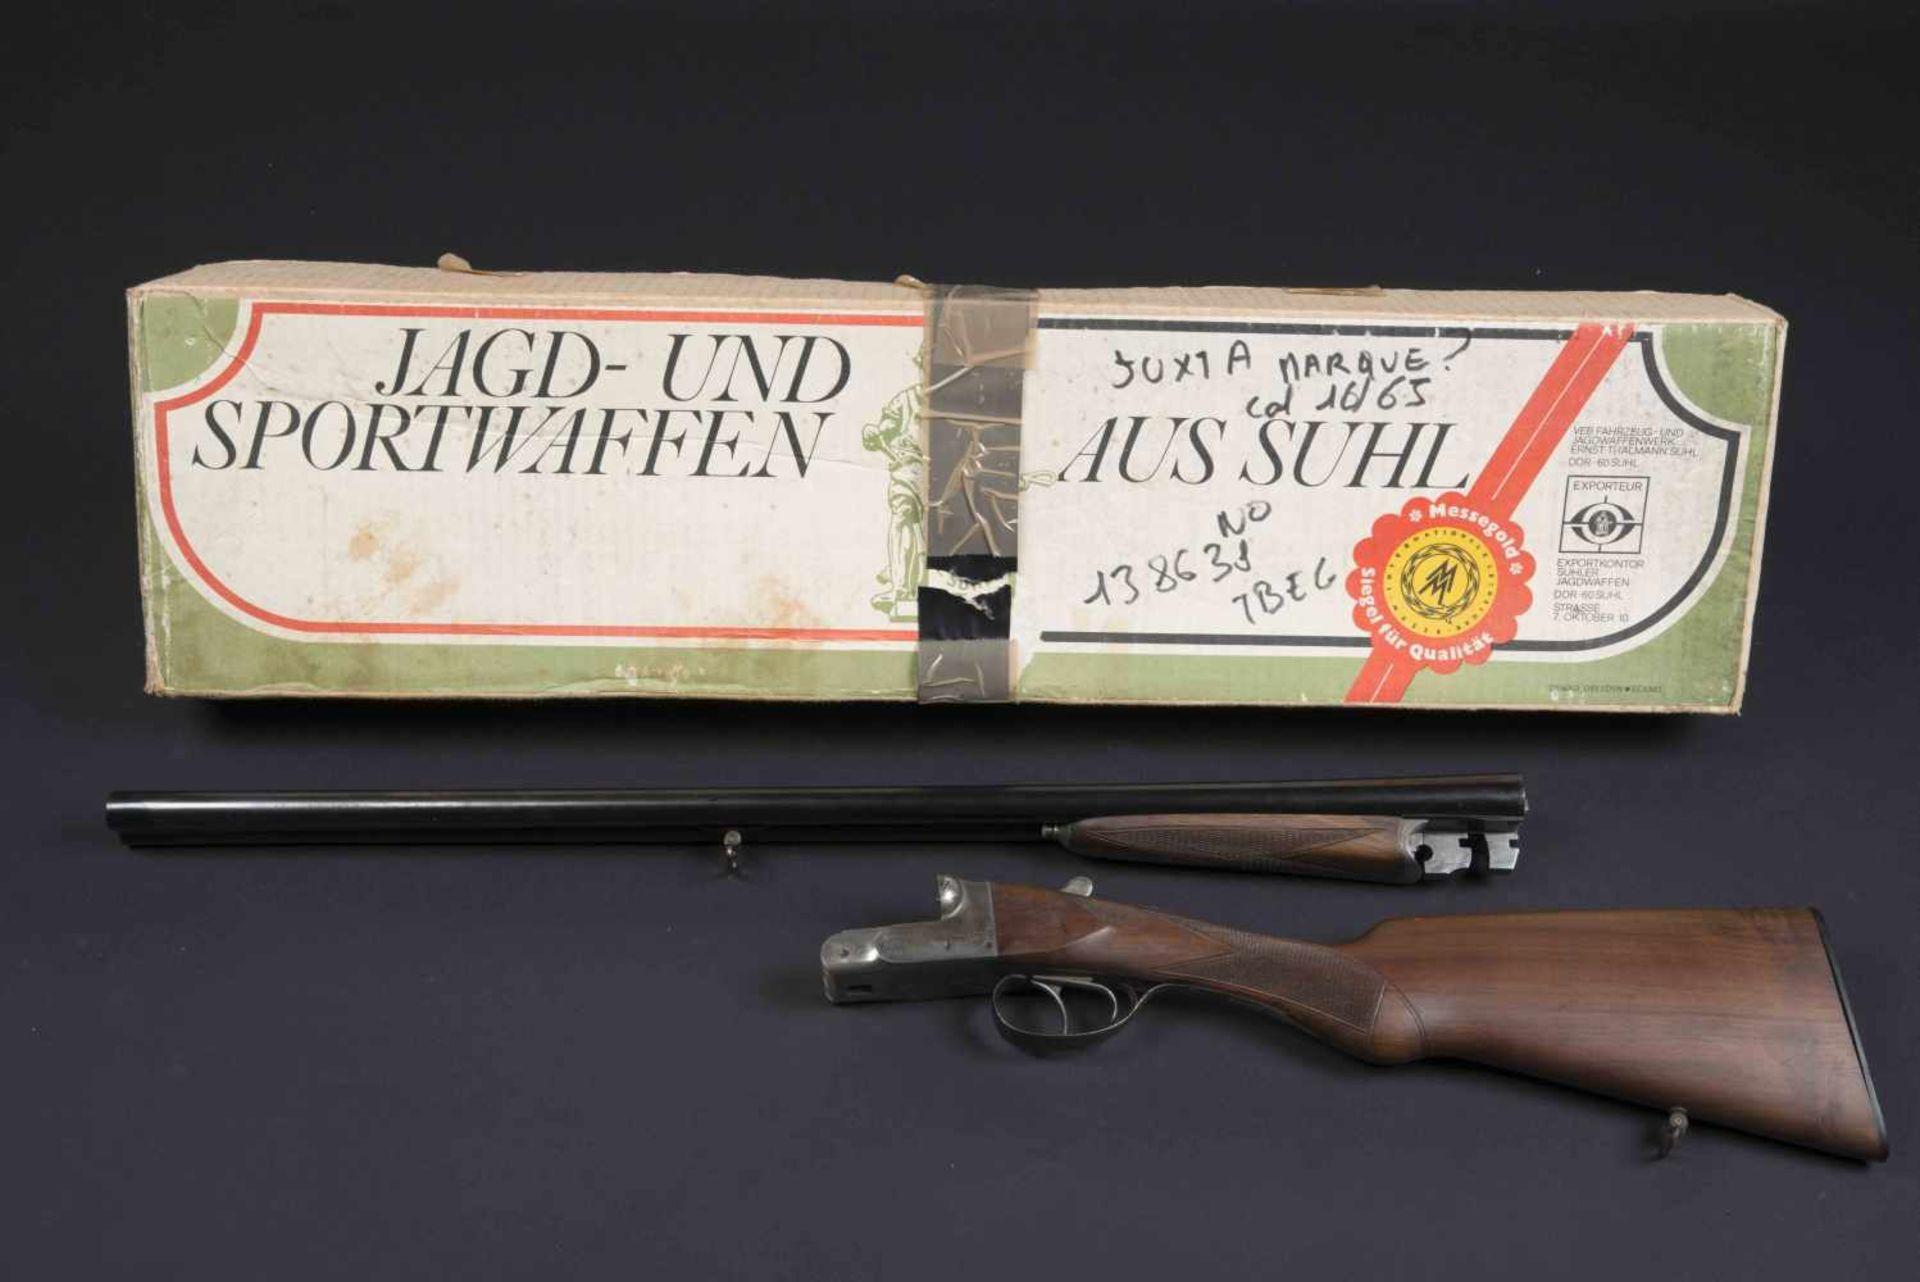 Fusil juxtaposé modèle artisanal Catégorie C Calibre 16/65. Numéro 138638. Carton non au modèle de